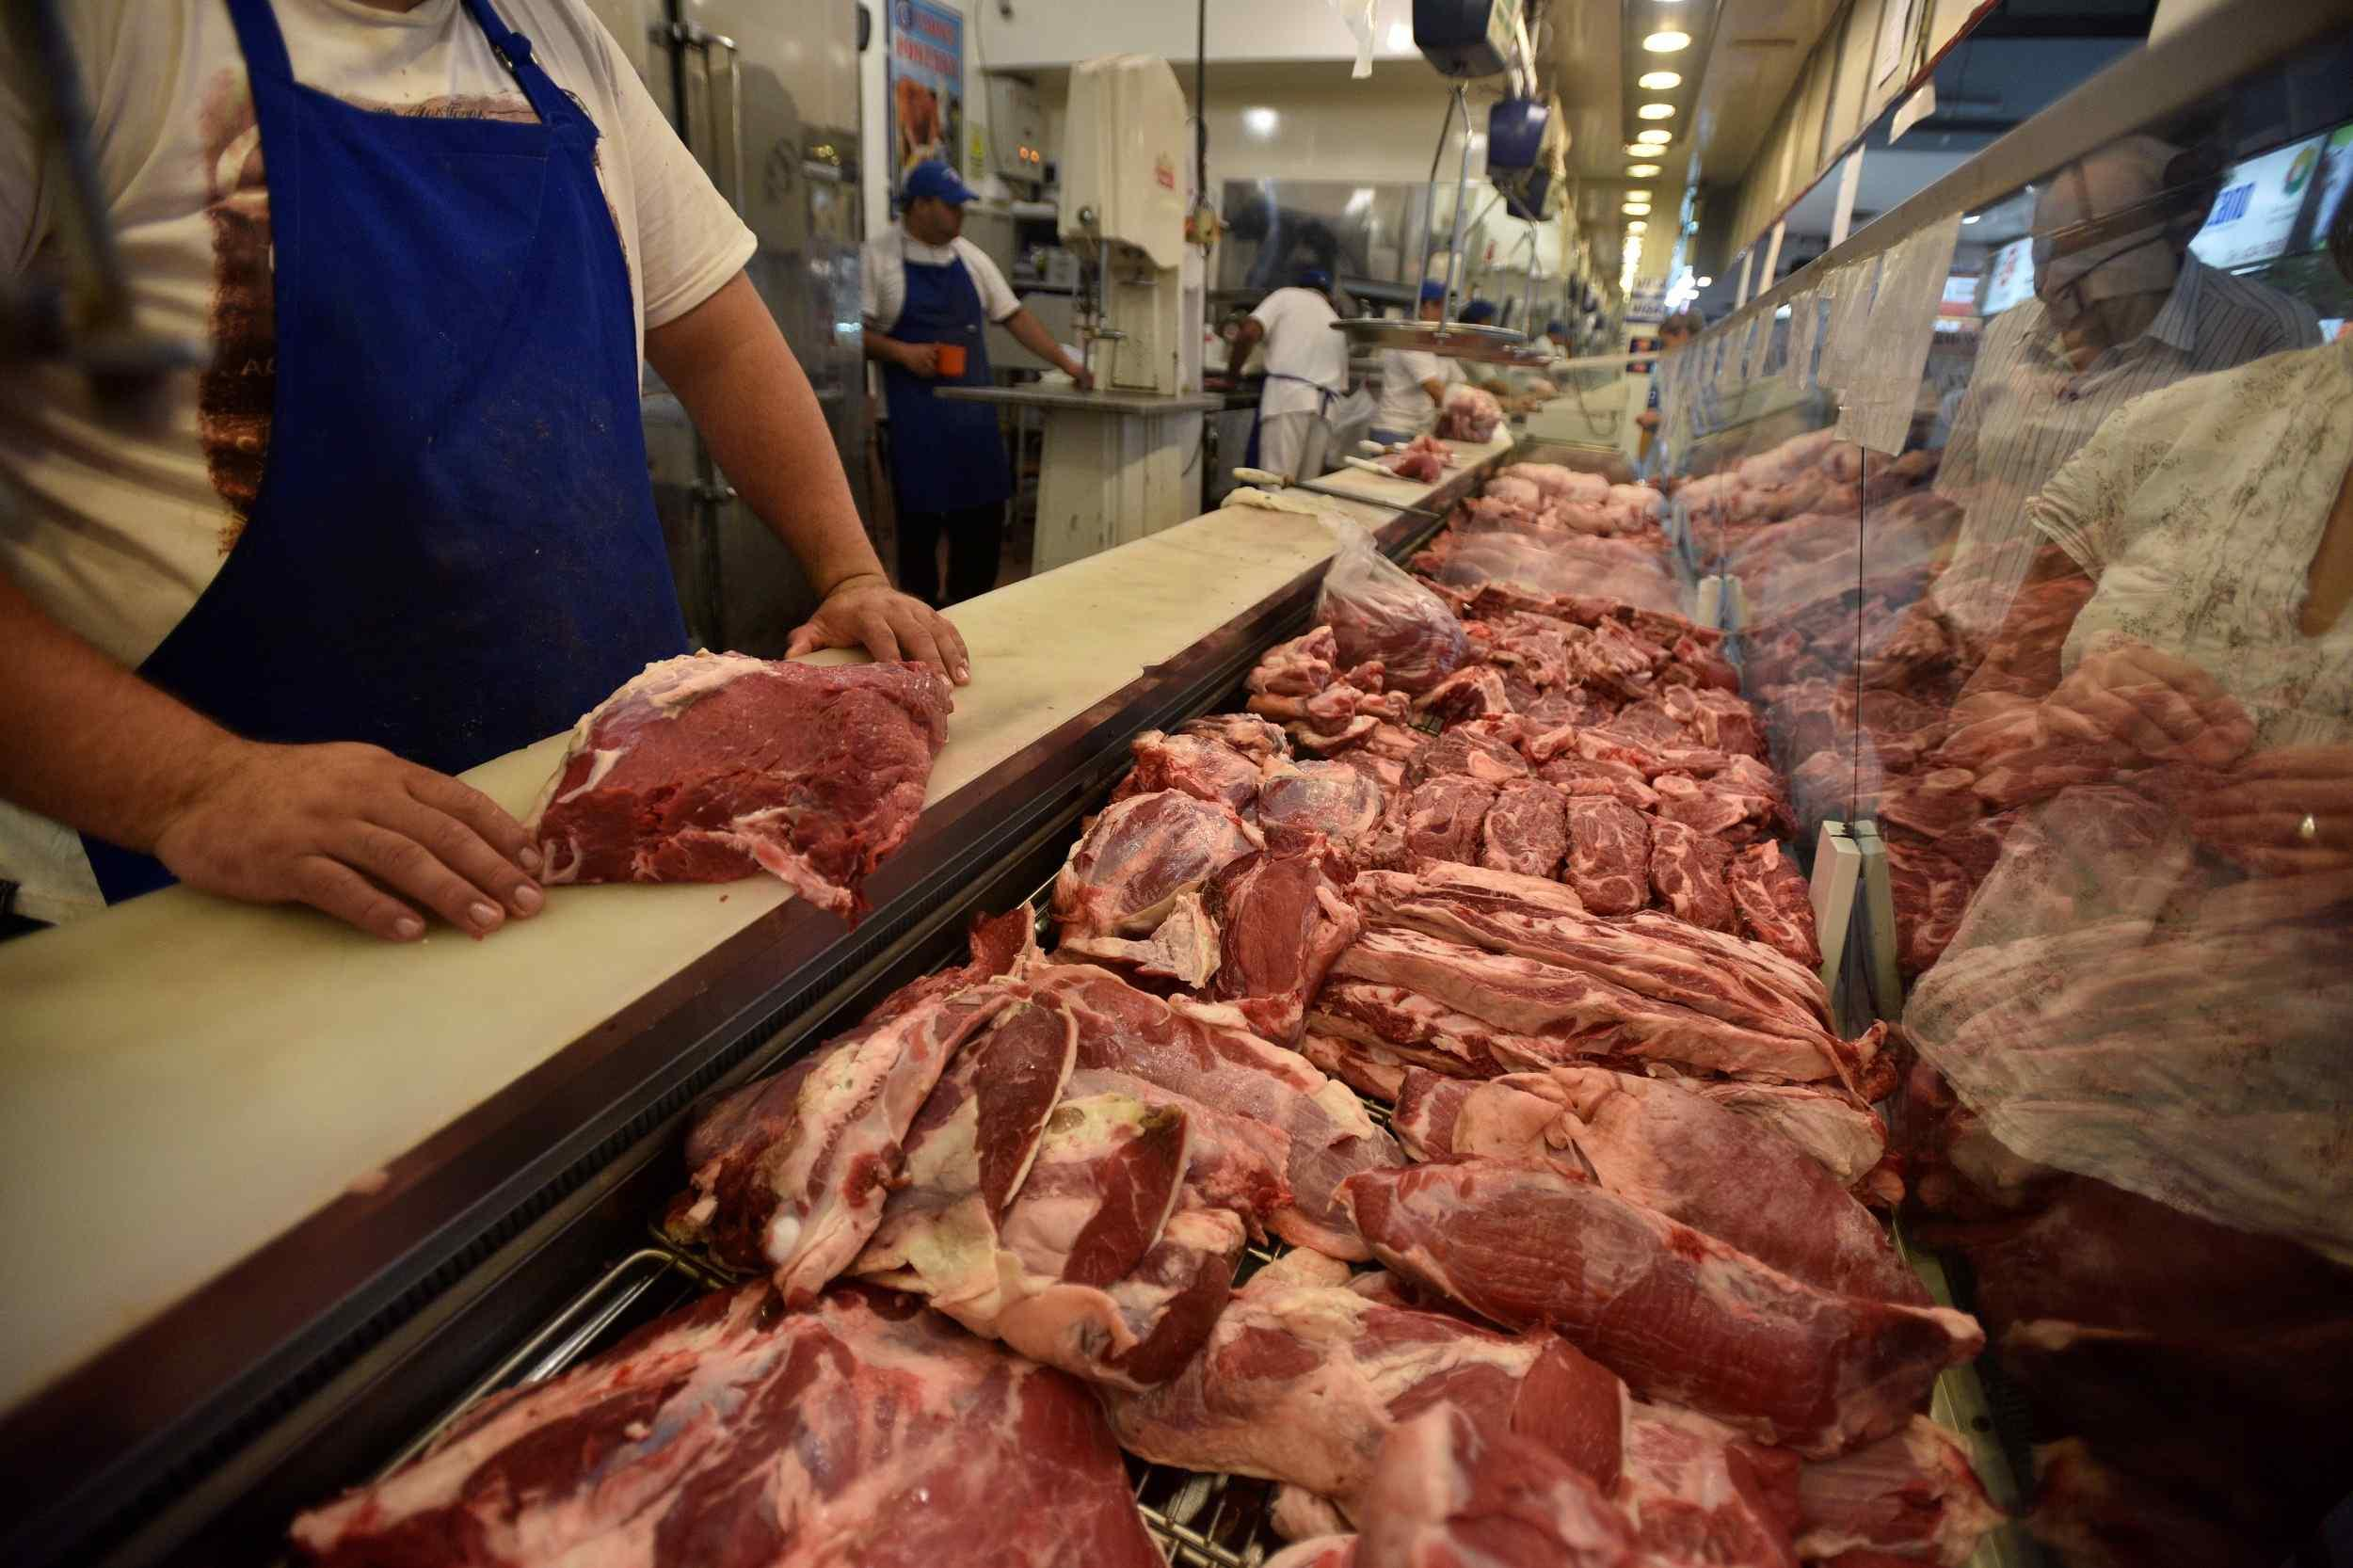 Comienza la oferta de cortes de carne vacuna y se busca sumar frutas y verduras